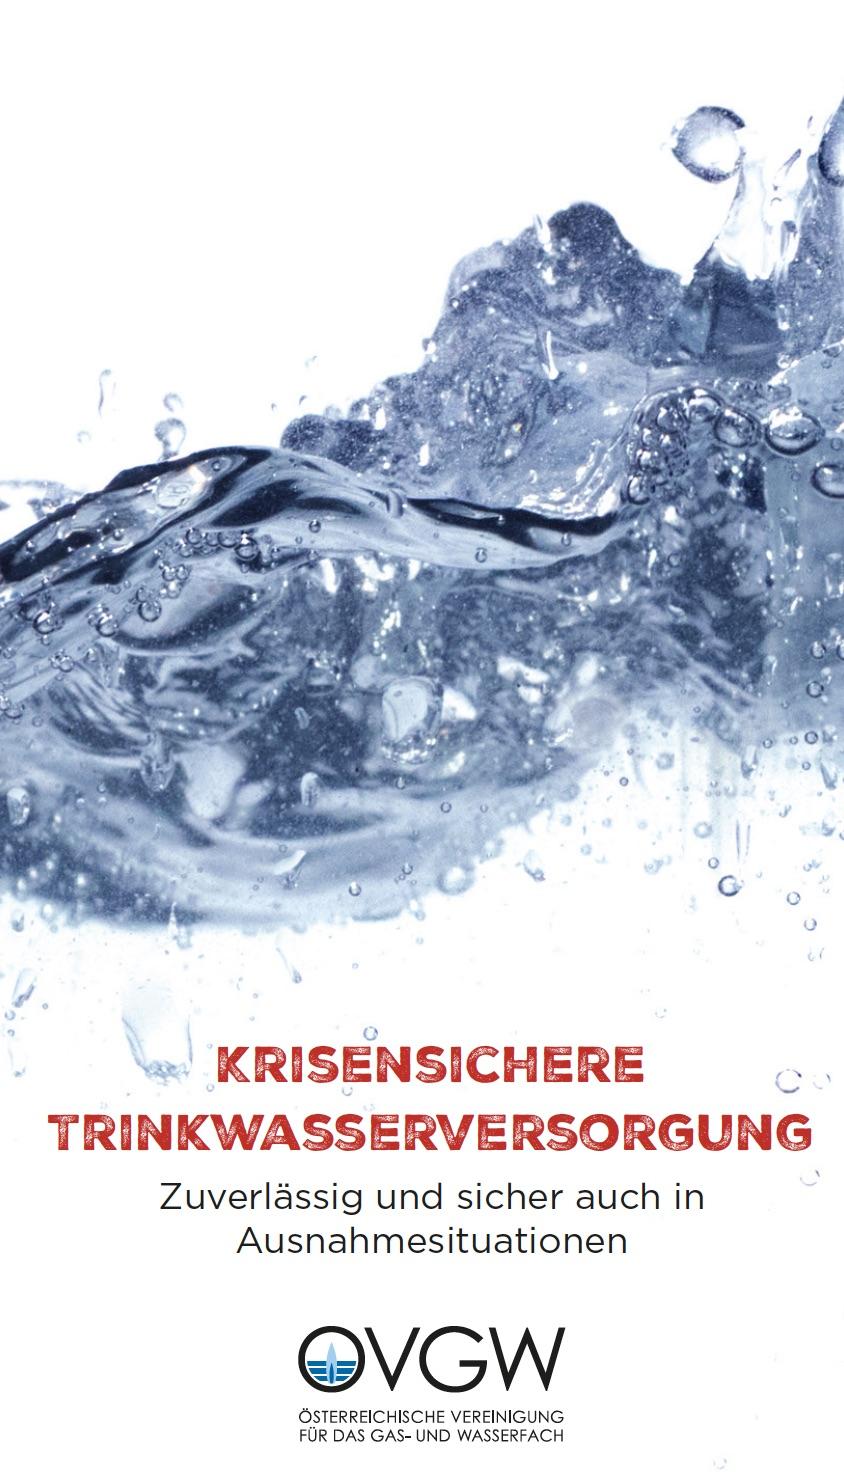 krisensichere trinkwasserversorgung